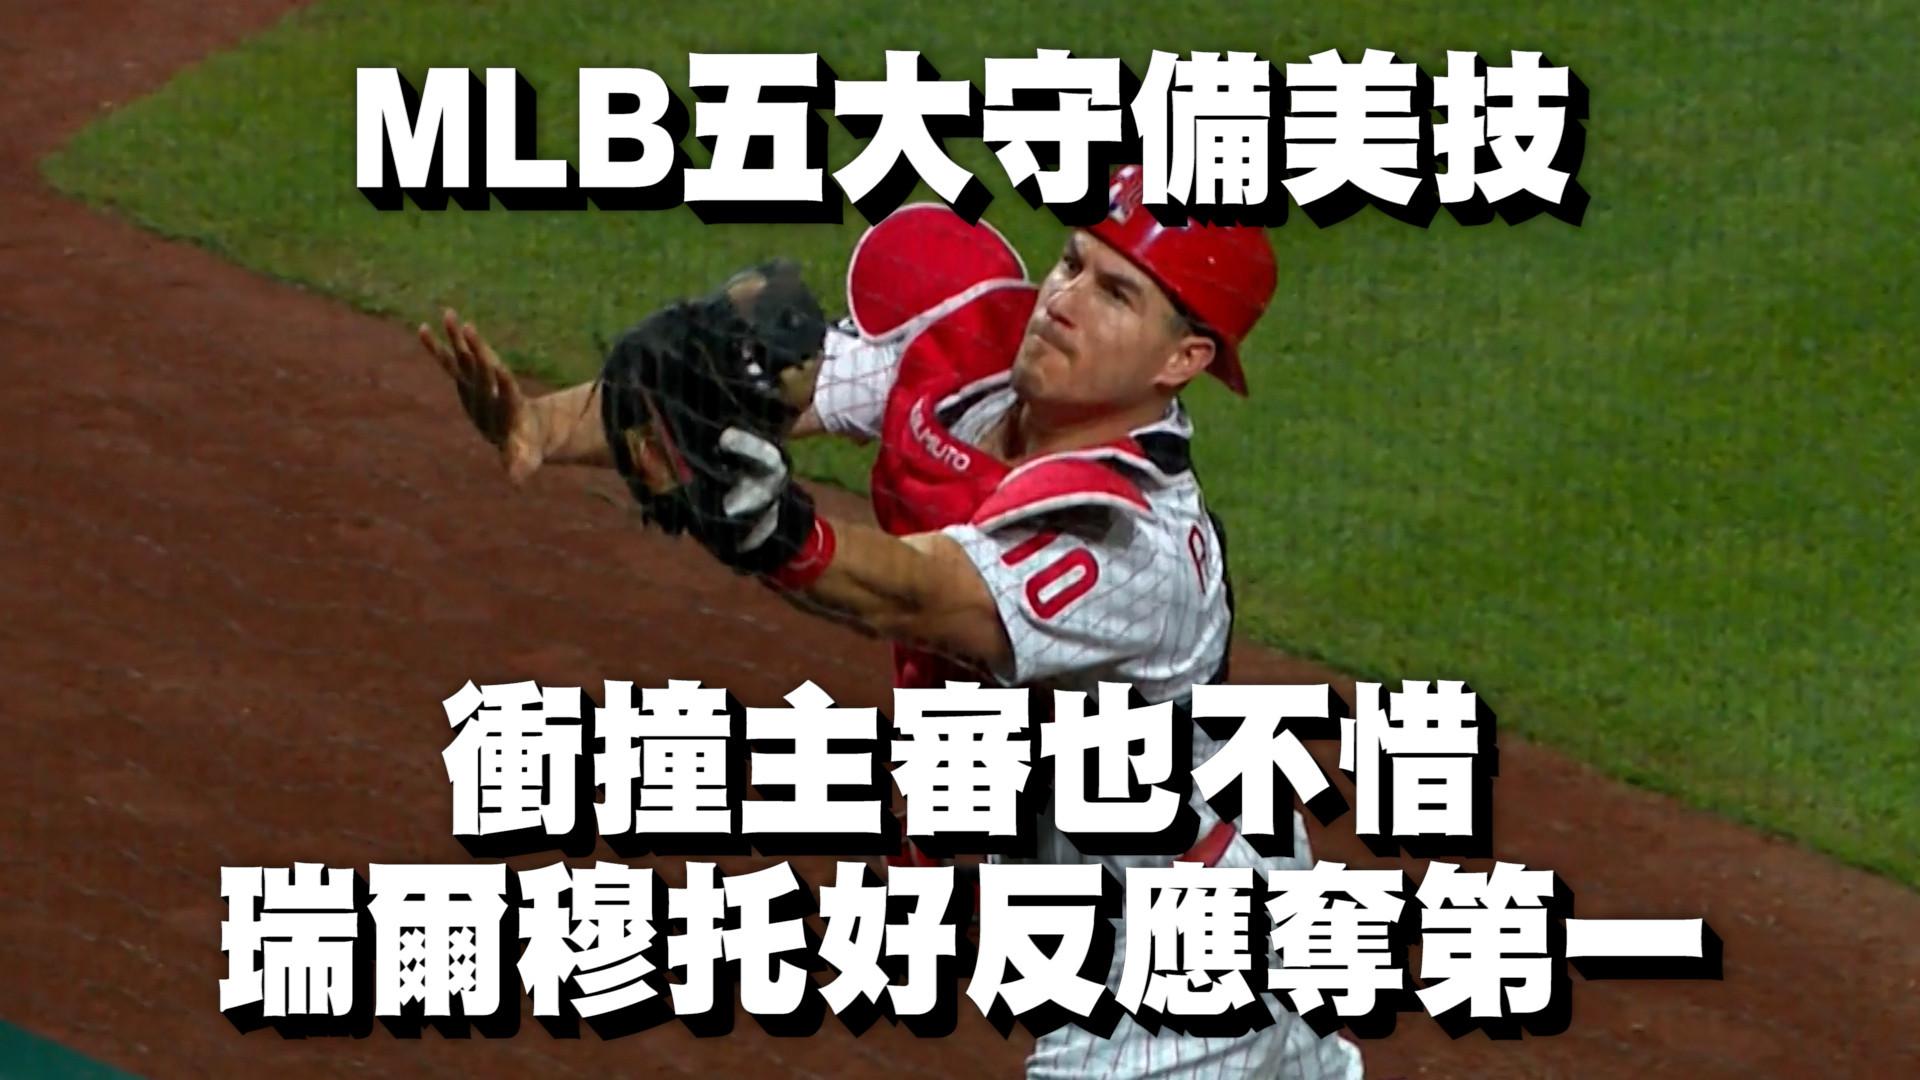 【MLB看愛爾達】衝撞主審也不惜 瑞爾穆托好反應奪第一 9/22